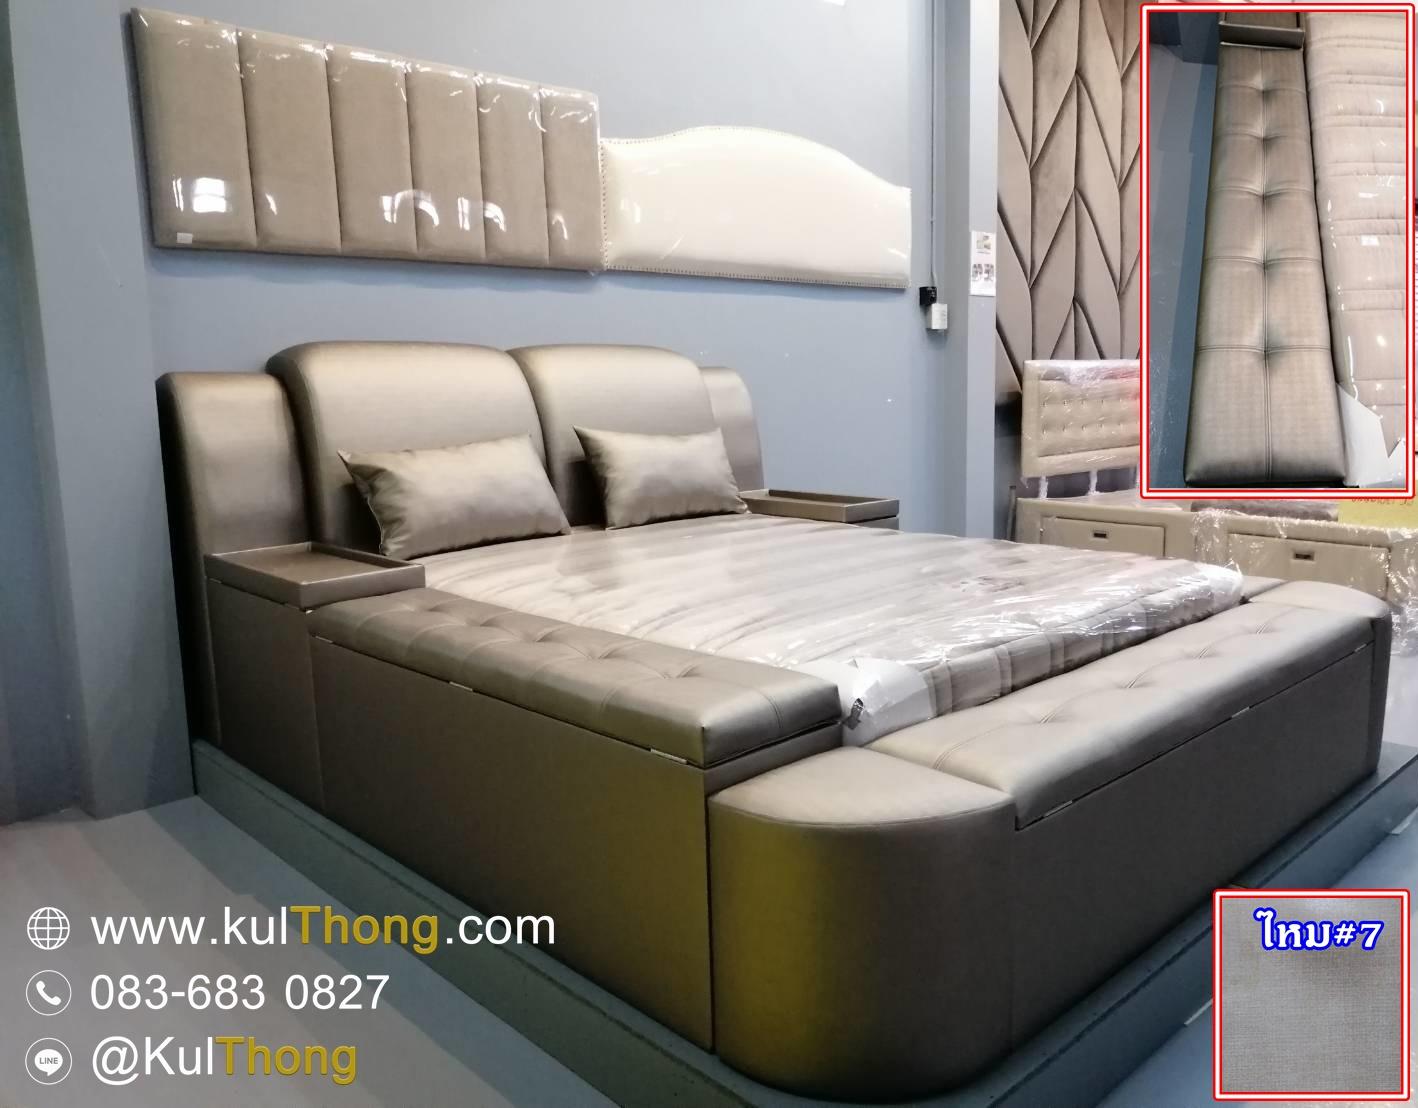 เตียงกล่อง เตียงเก็บของ เตียงกล่องหุ้มหนัง